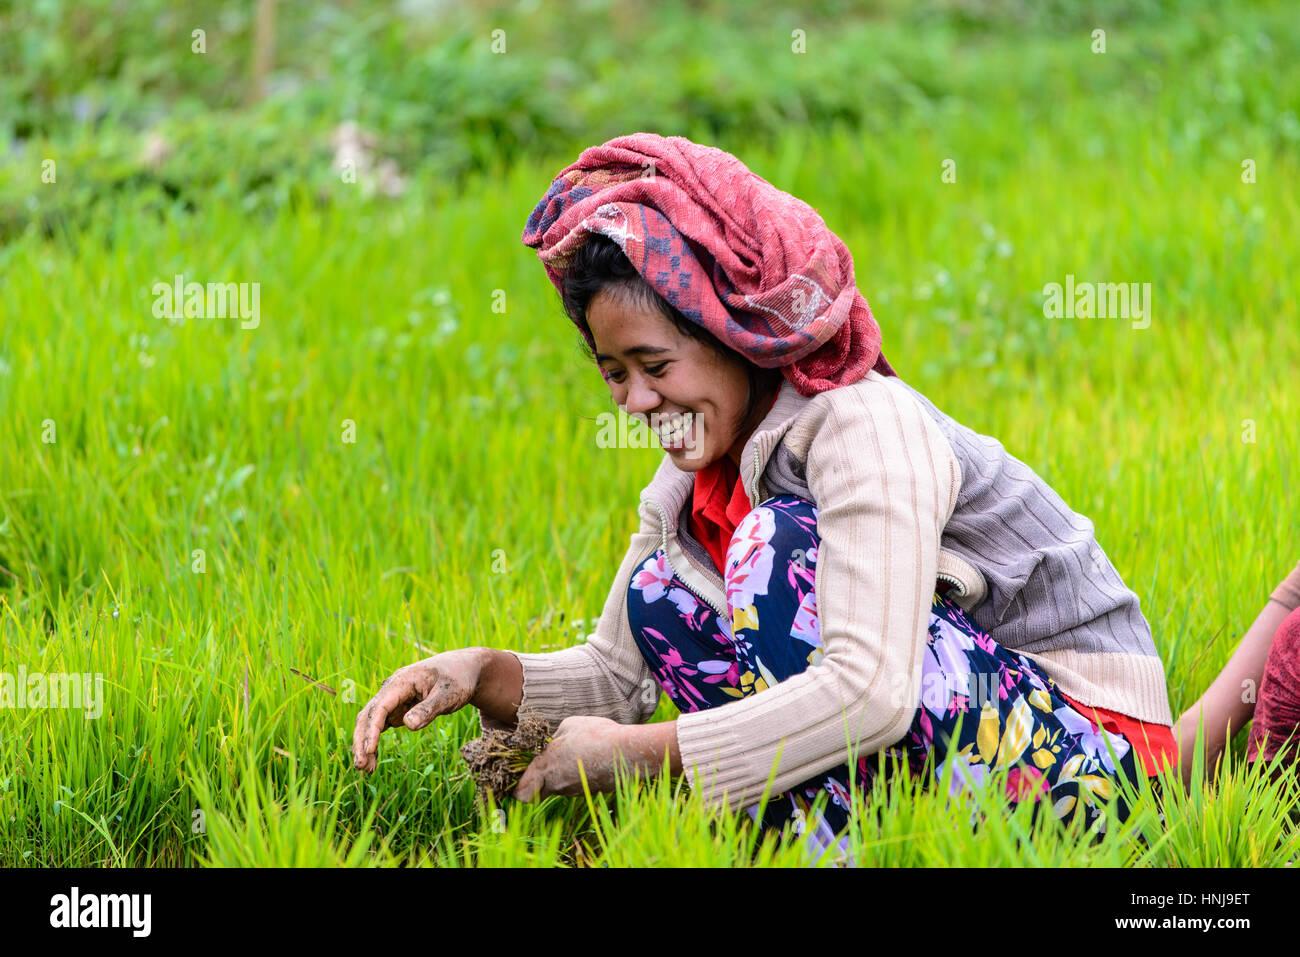 TETEBATU, Indonesia - 10 settembre 2014: indonesiano agricoltore di piantare il riso alberelli Immagini Stock